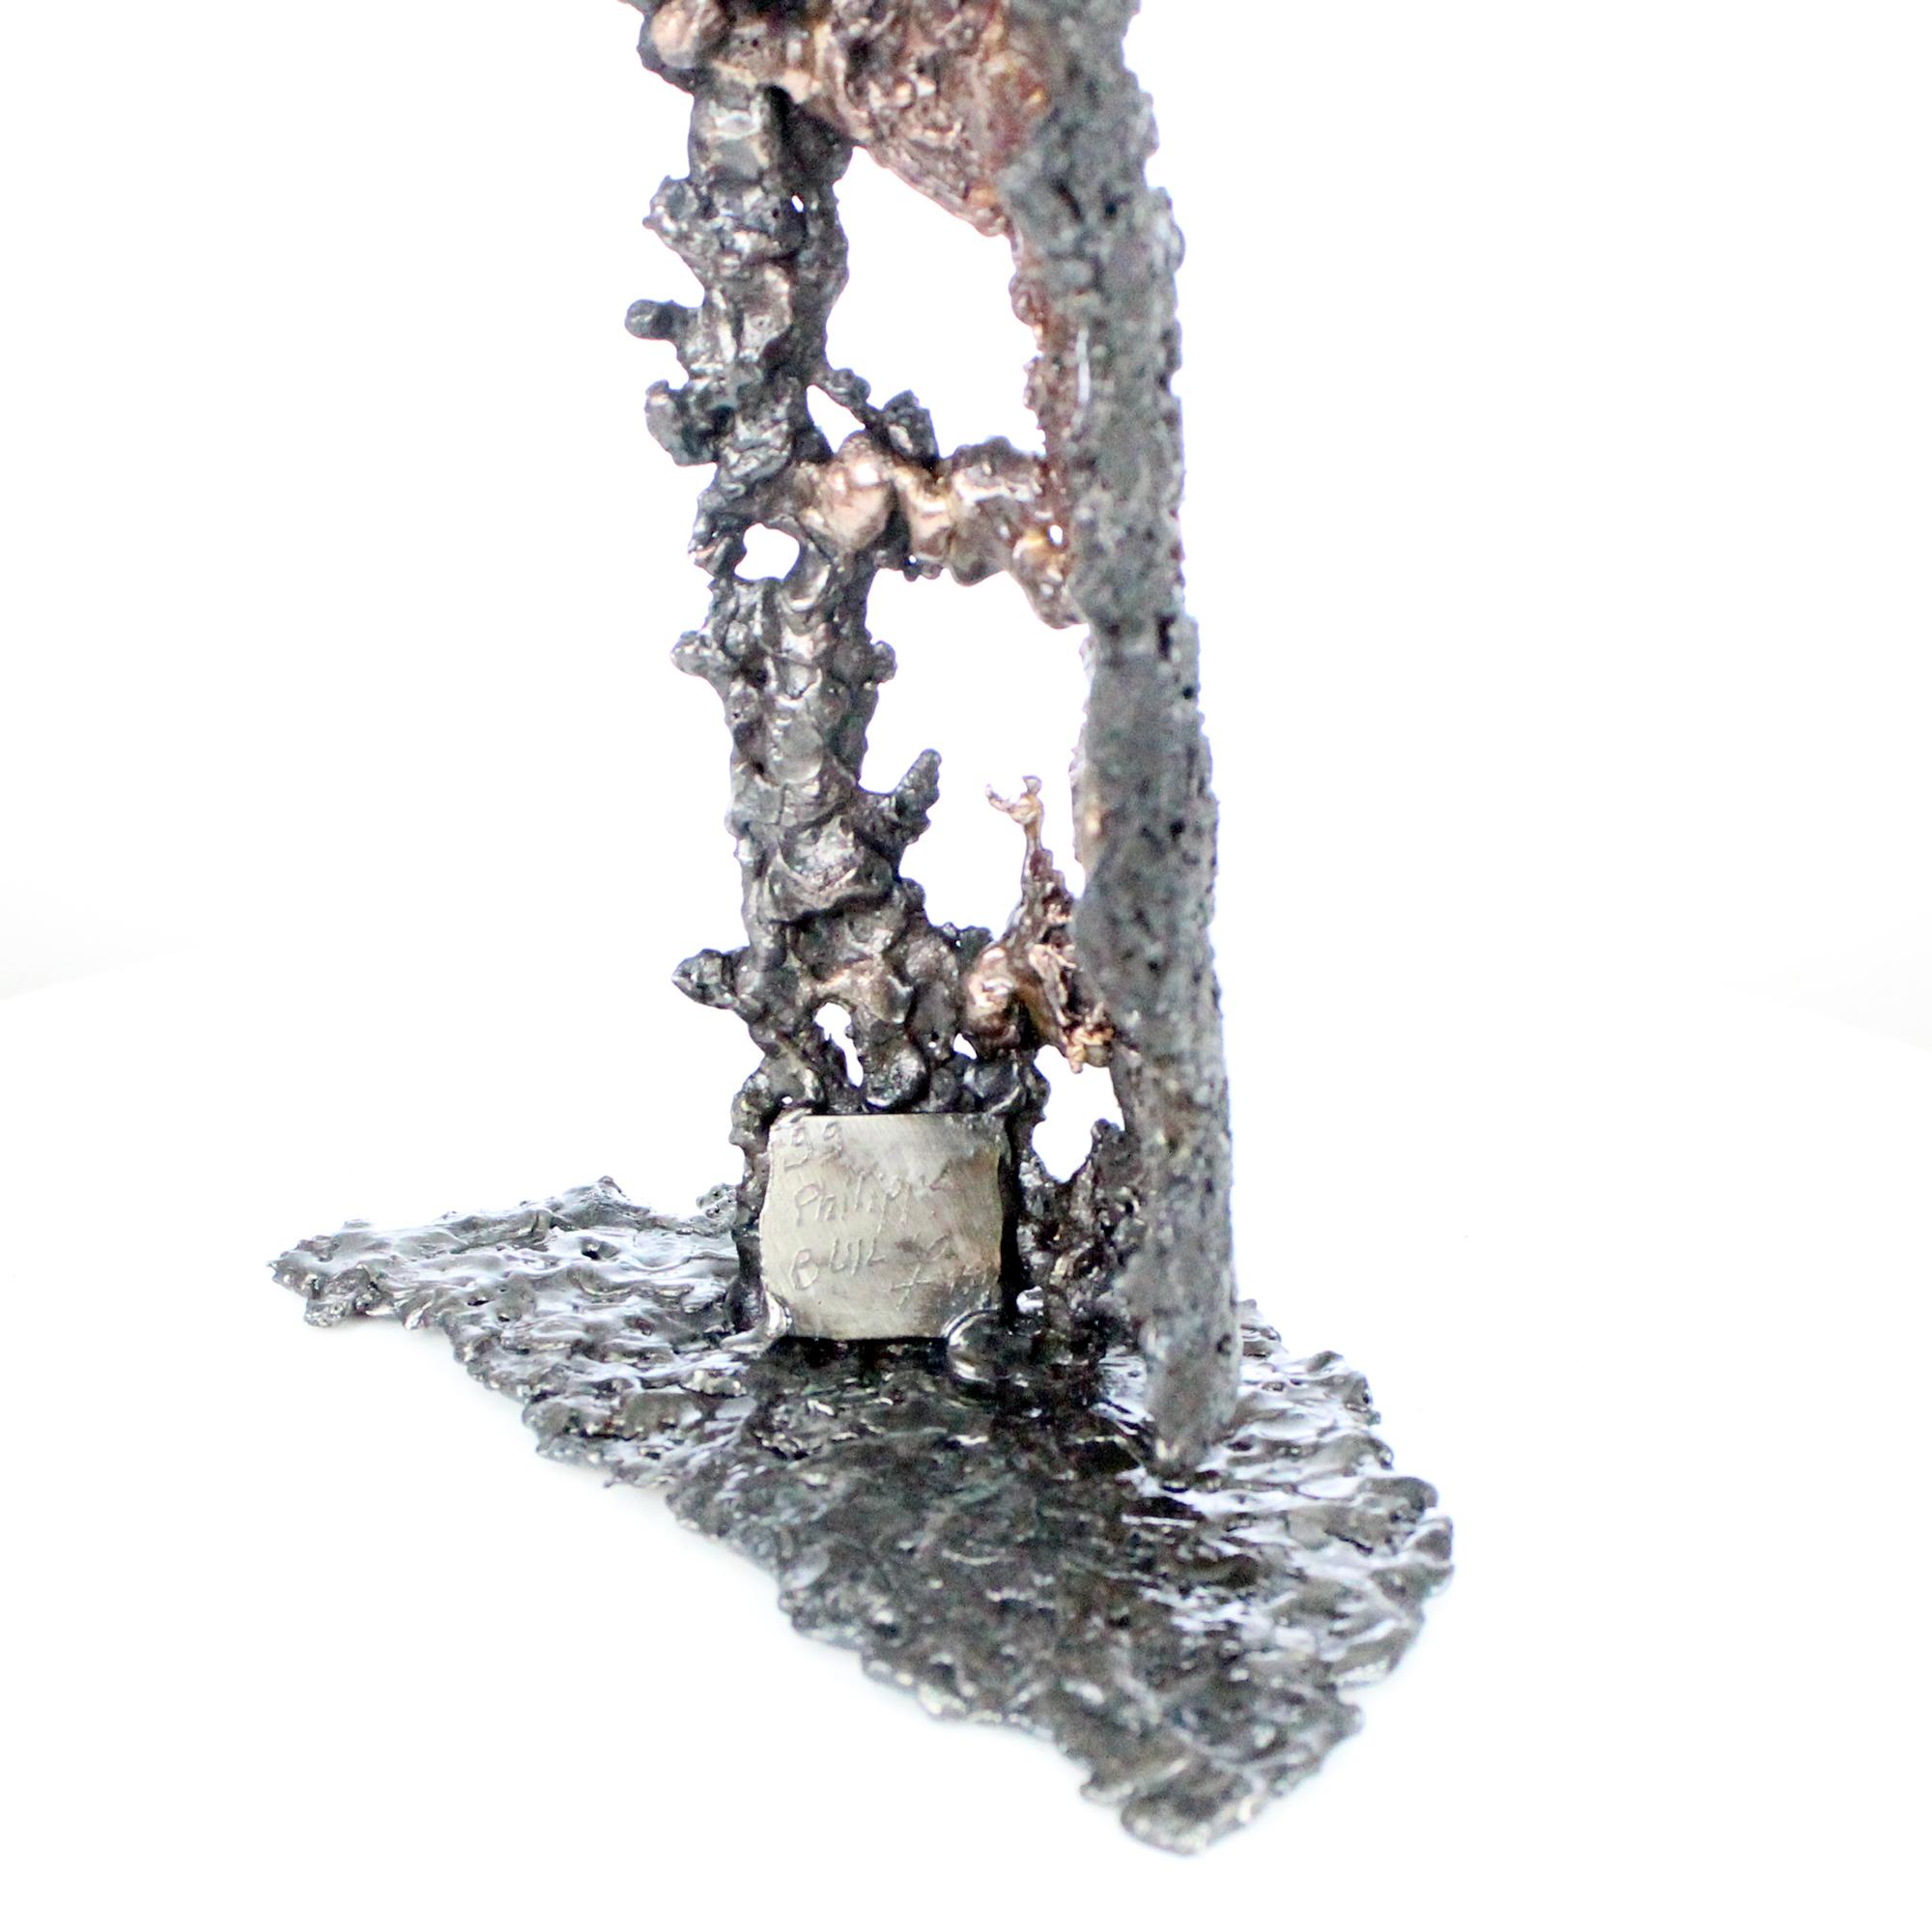 BOUTEILLE POIRE AUTOMNE - Sculpture bouteille en dentelle métal et bronze - BOTTLE PEAR AUTUMN - Sculpture bottle metal lace